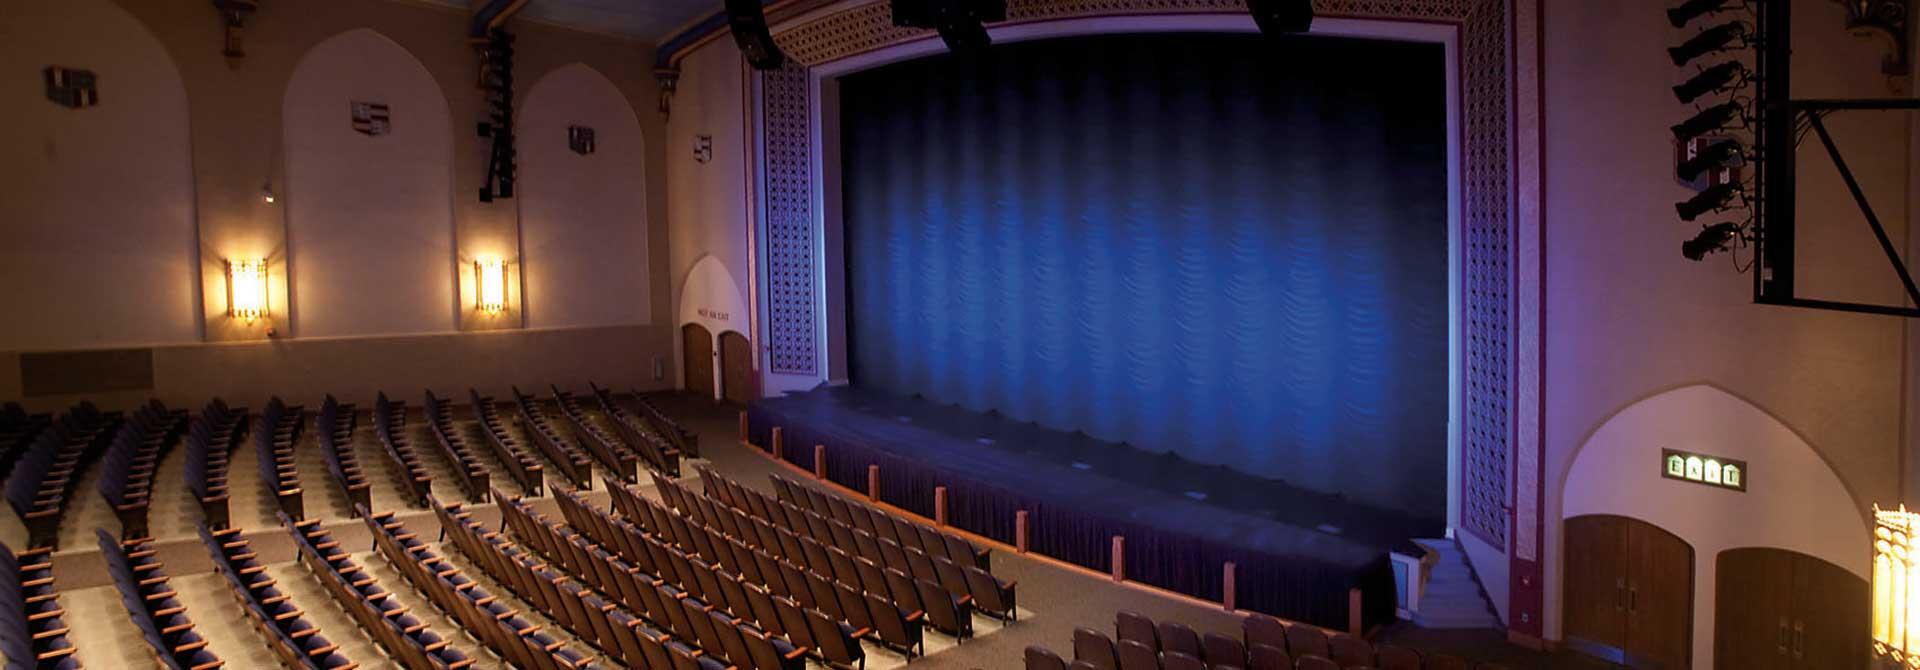 Castle-auditorium-9603